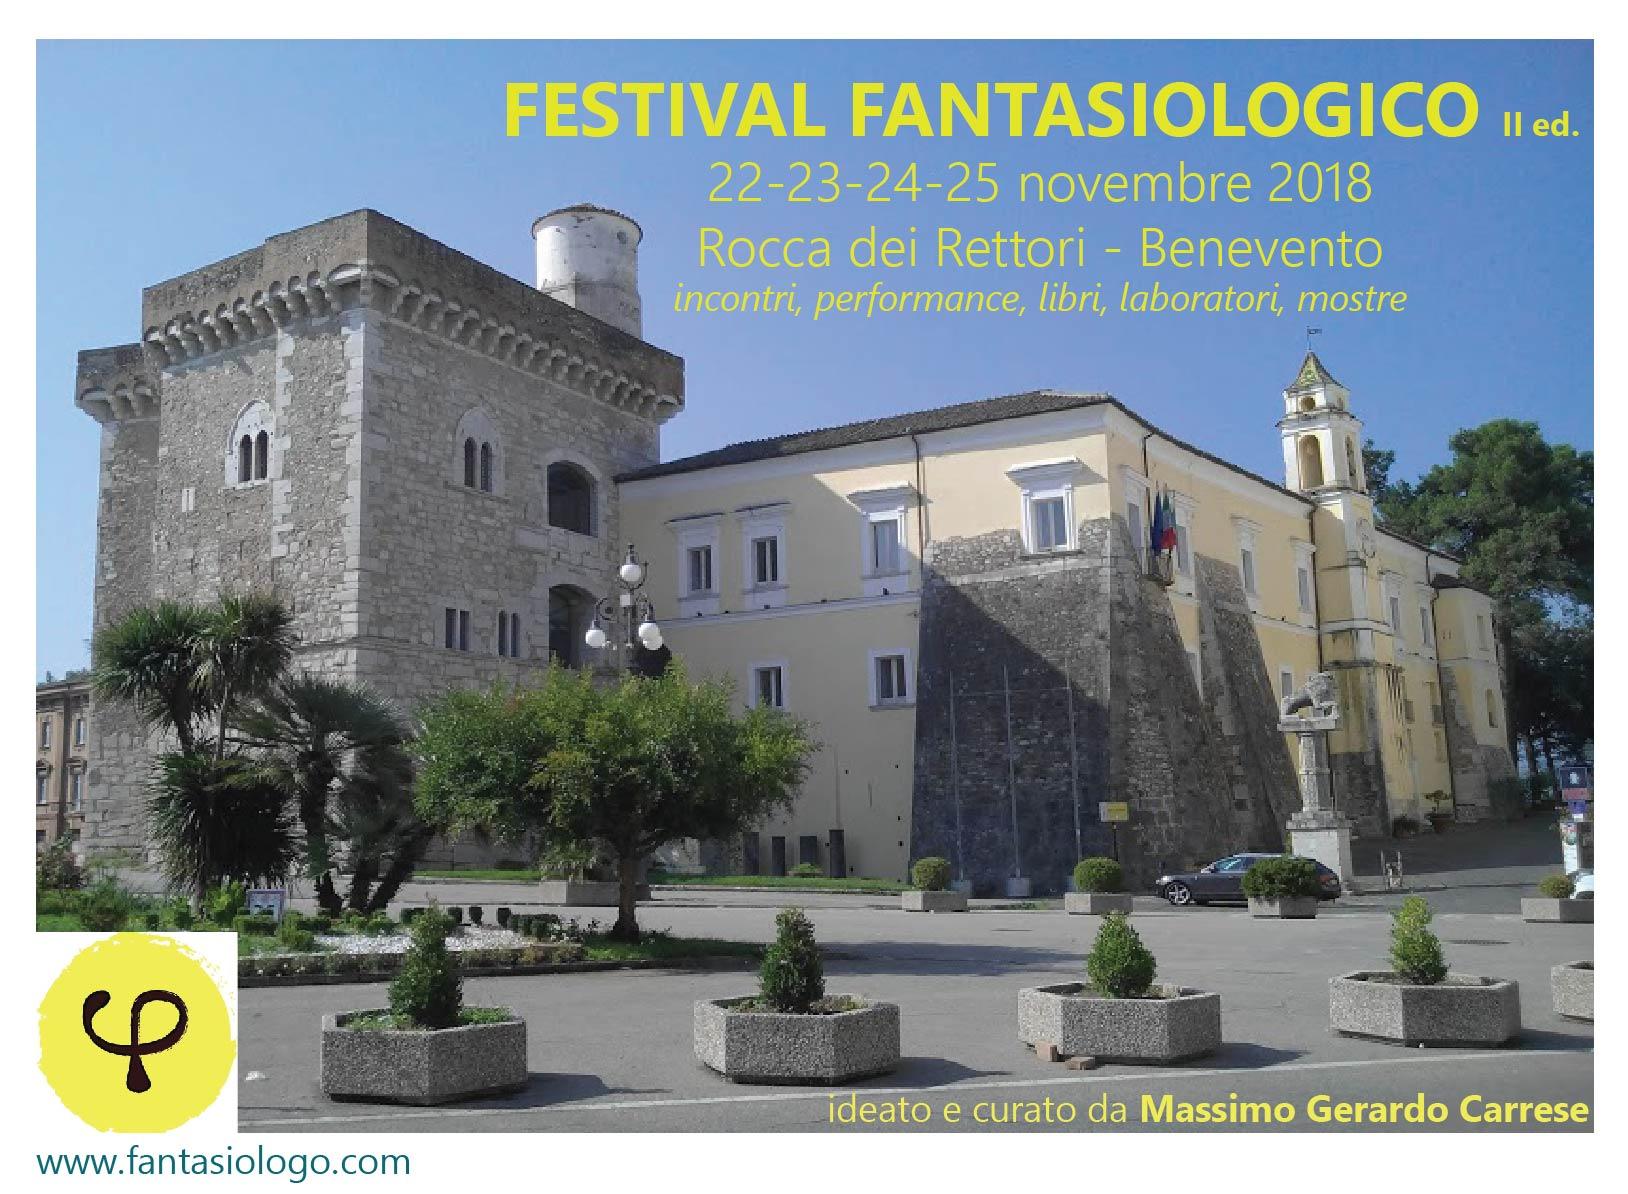 Alla Rocca dei Rettori di Benevento il Festival Fantasiologico 2018